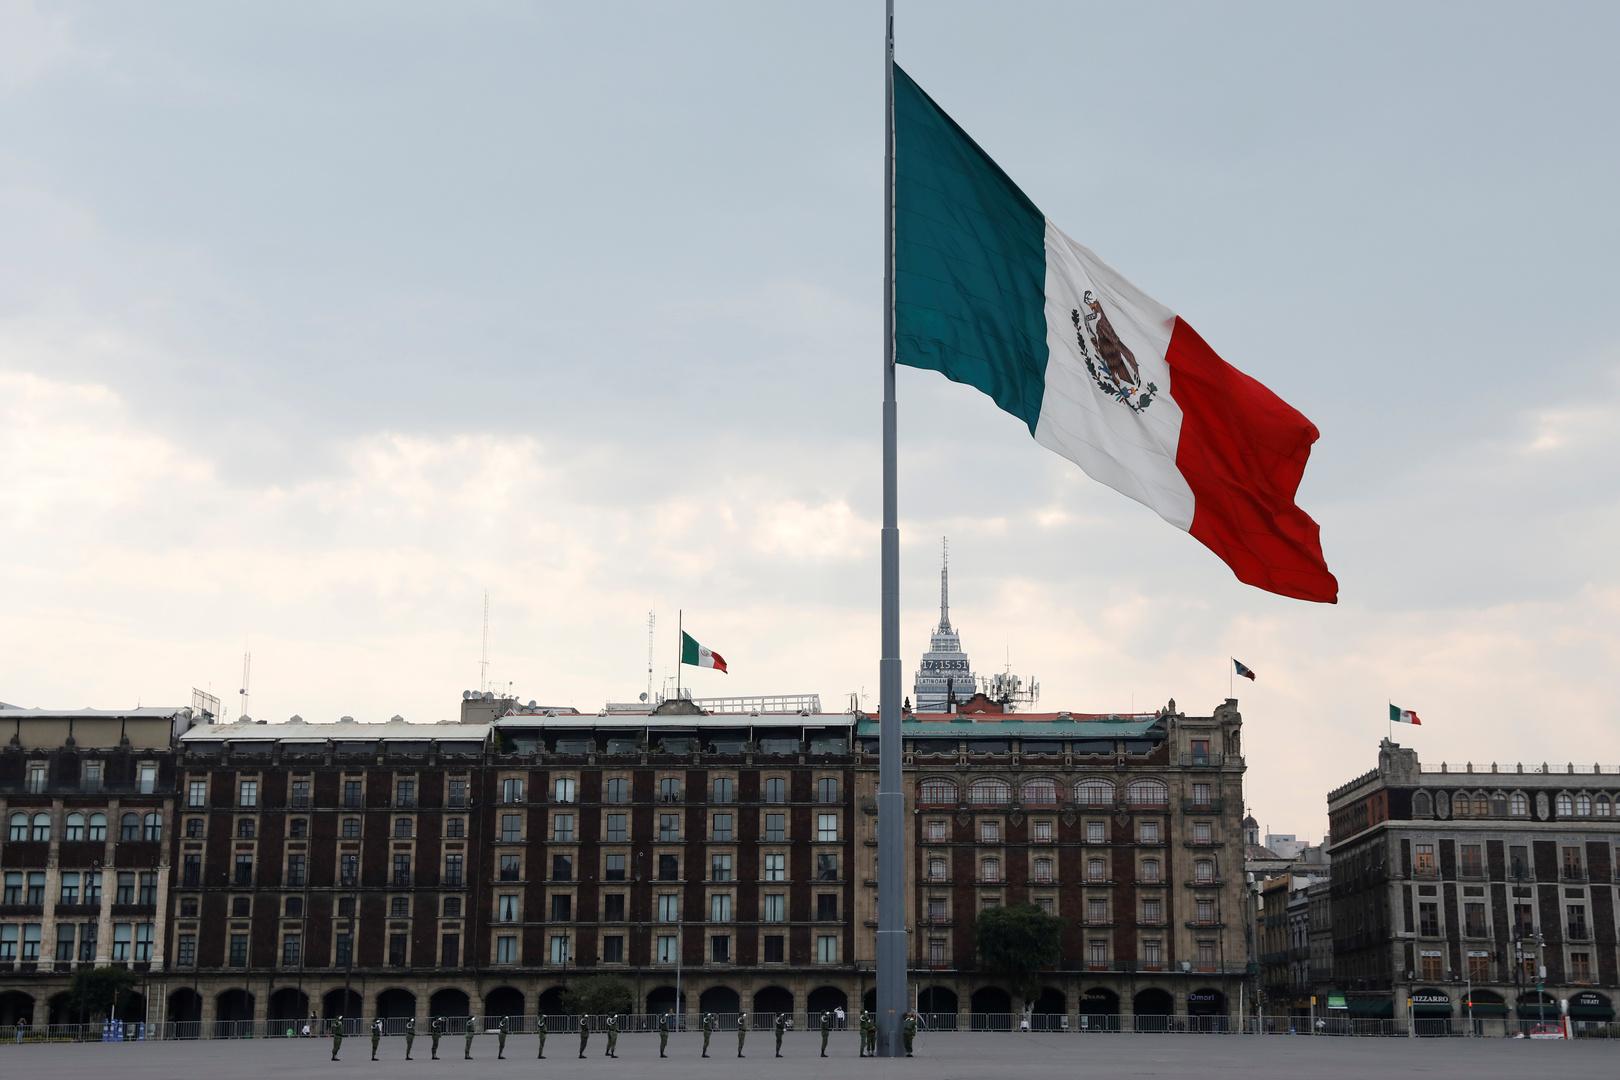 المكسيك تسجل أعلى حصيلة للإصابات الجديدة بكورونا منذ يناير